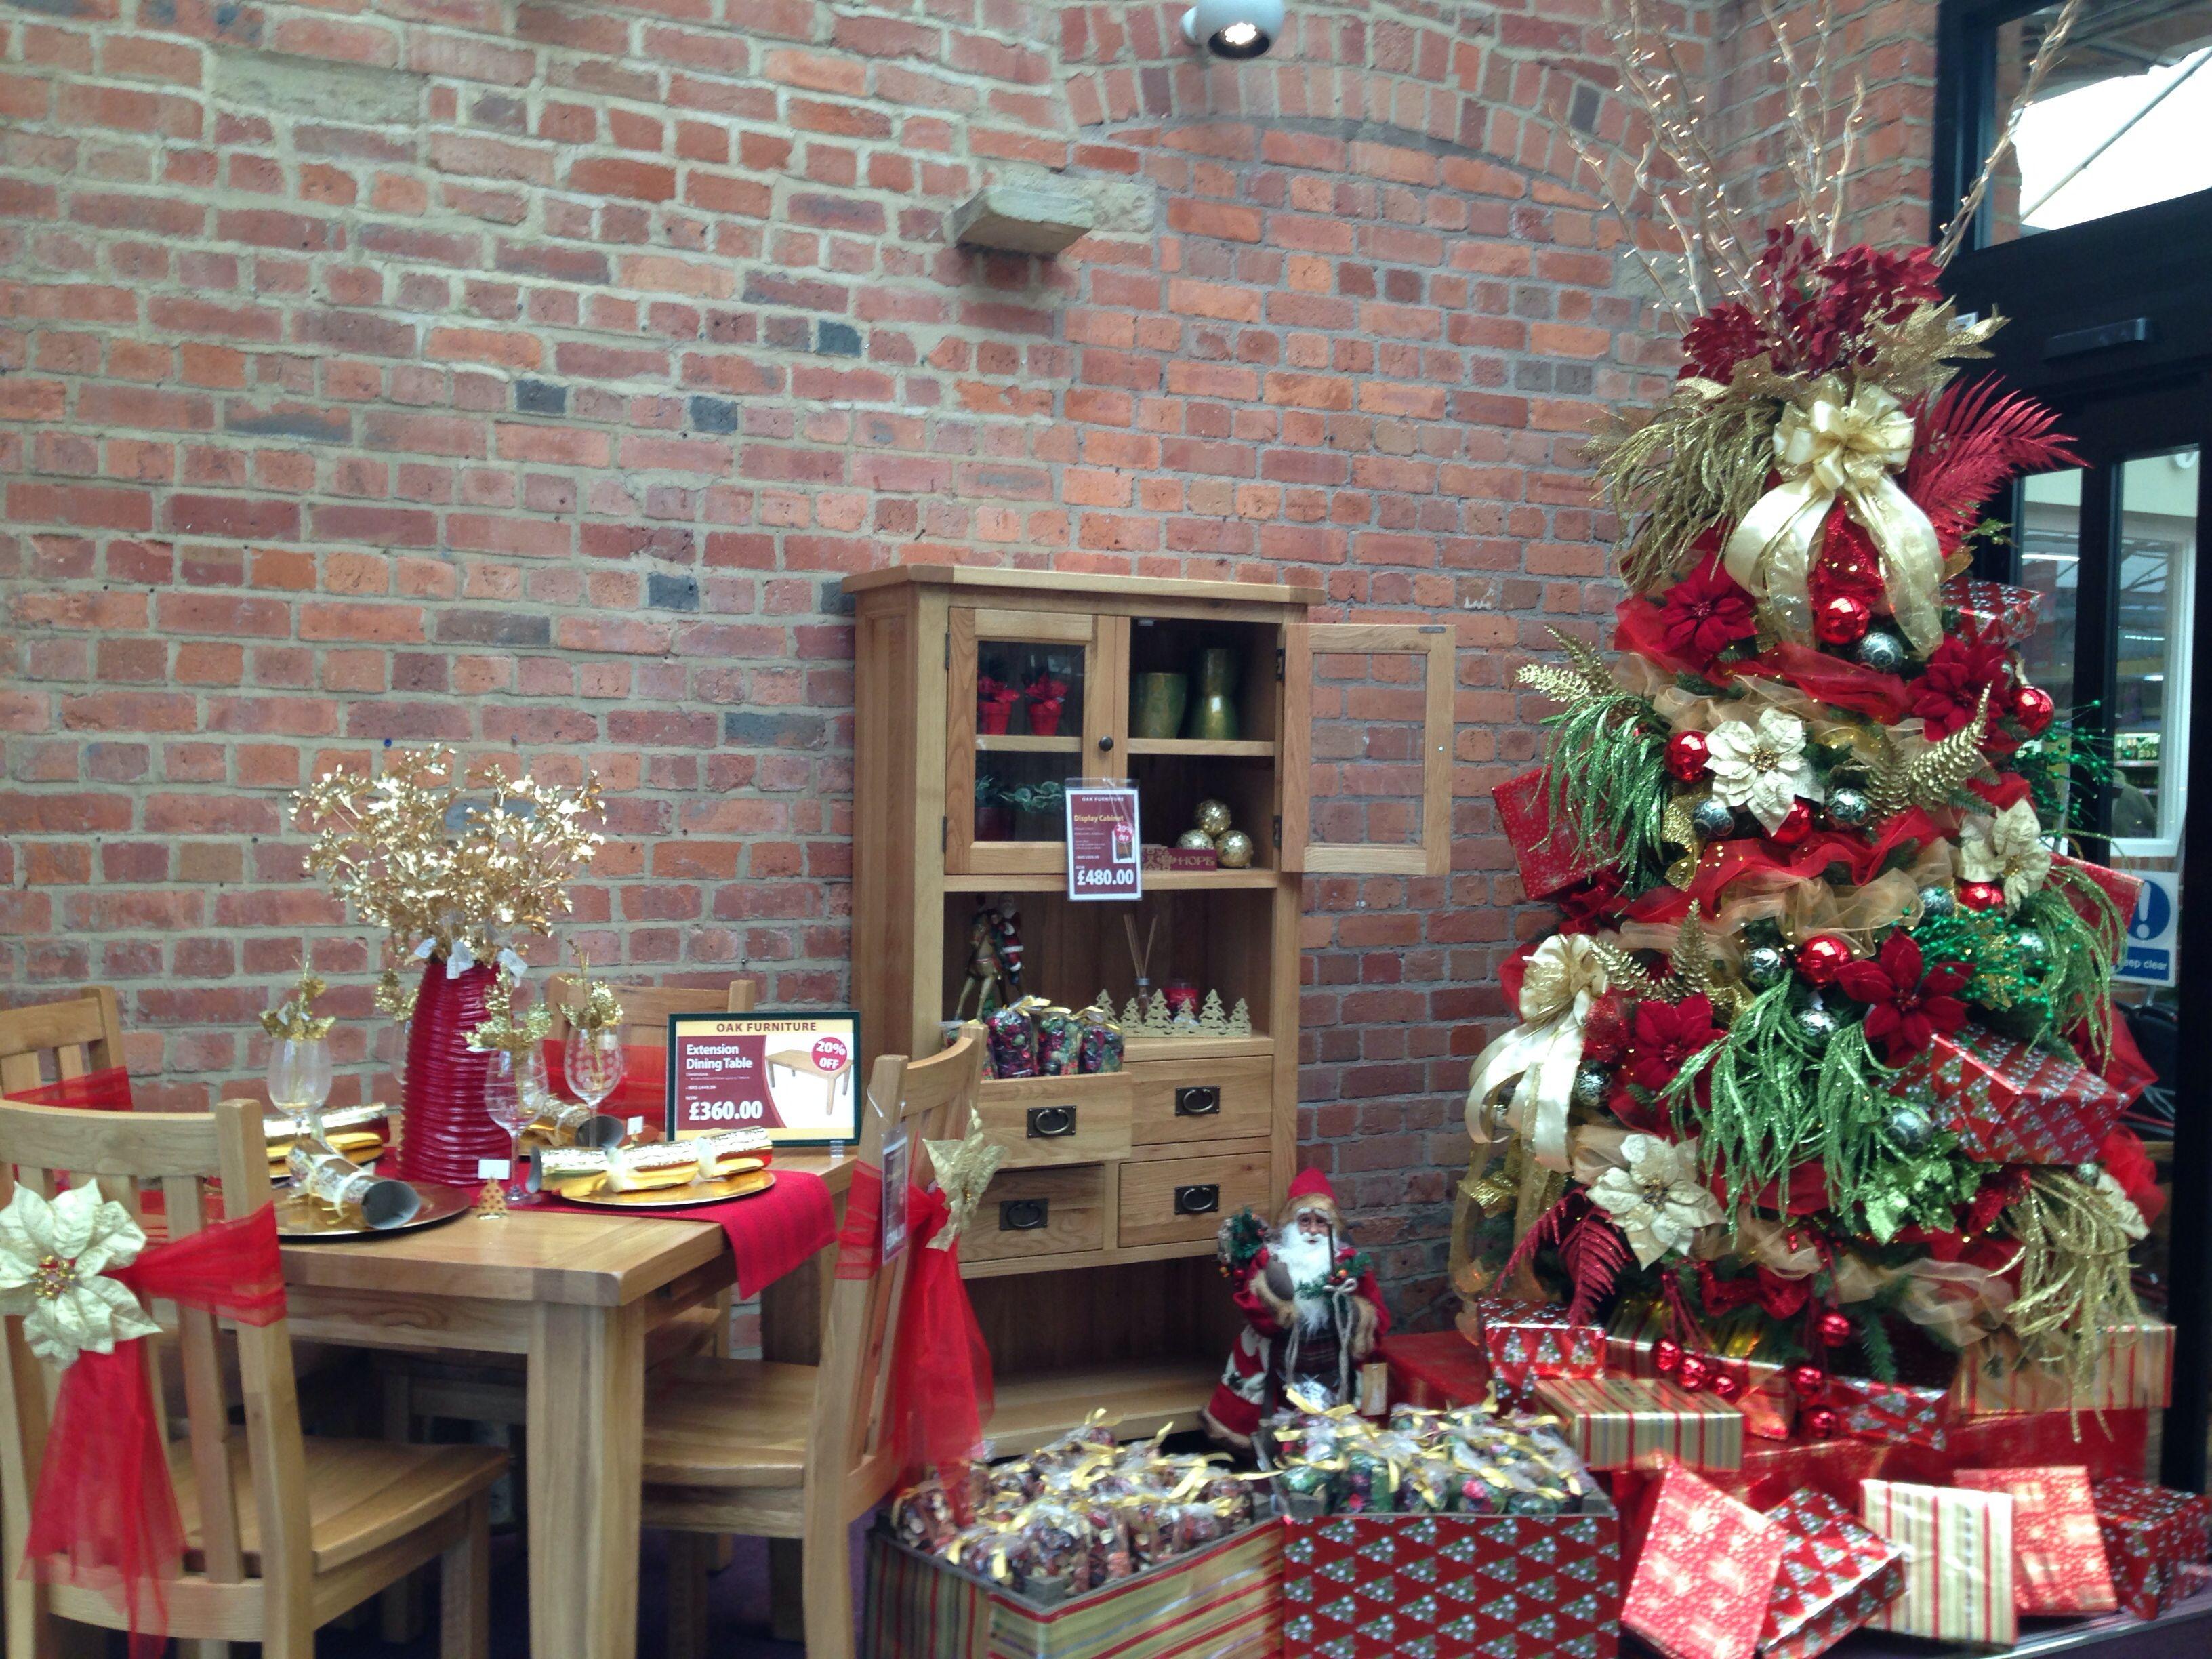 Pin By Lisa Floyd On Bit Of Christmas Christmas Display Garden Center Displays Christmas Design